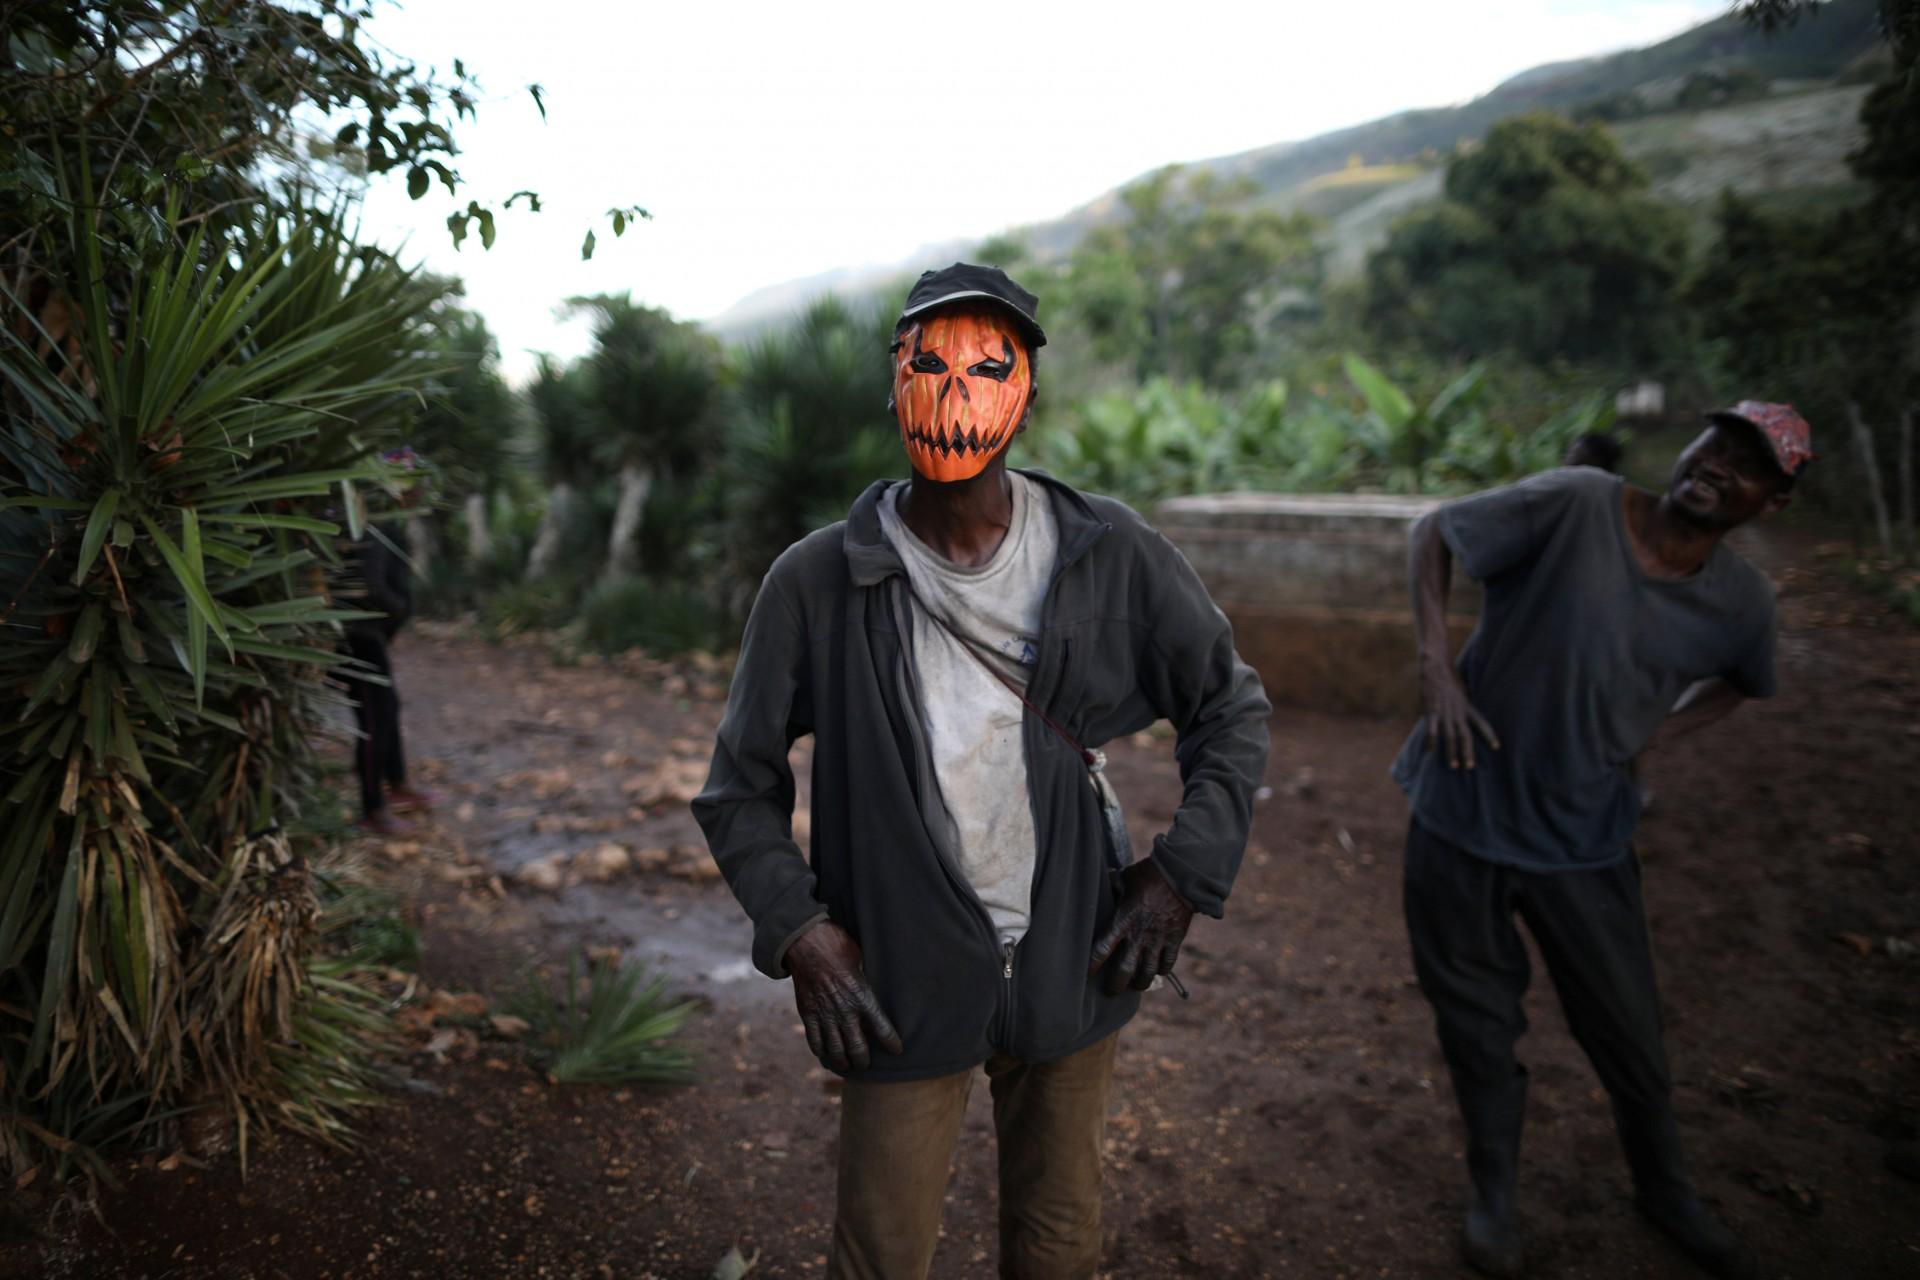 Un hombre sordo se detiene usando una máscara de calabaza en una calle en Boucan Ferdinand, Haití, 7 de abril de 2018.